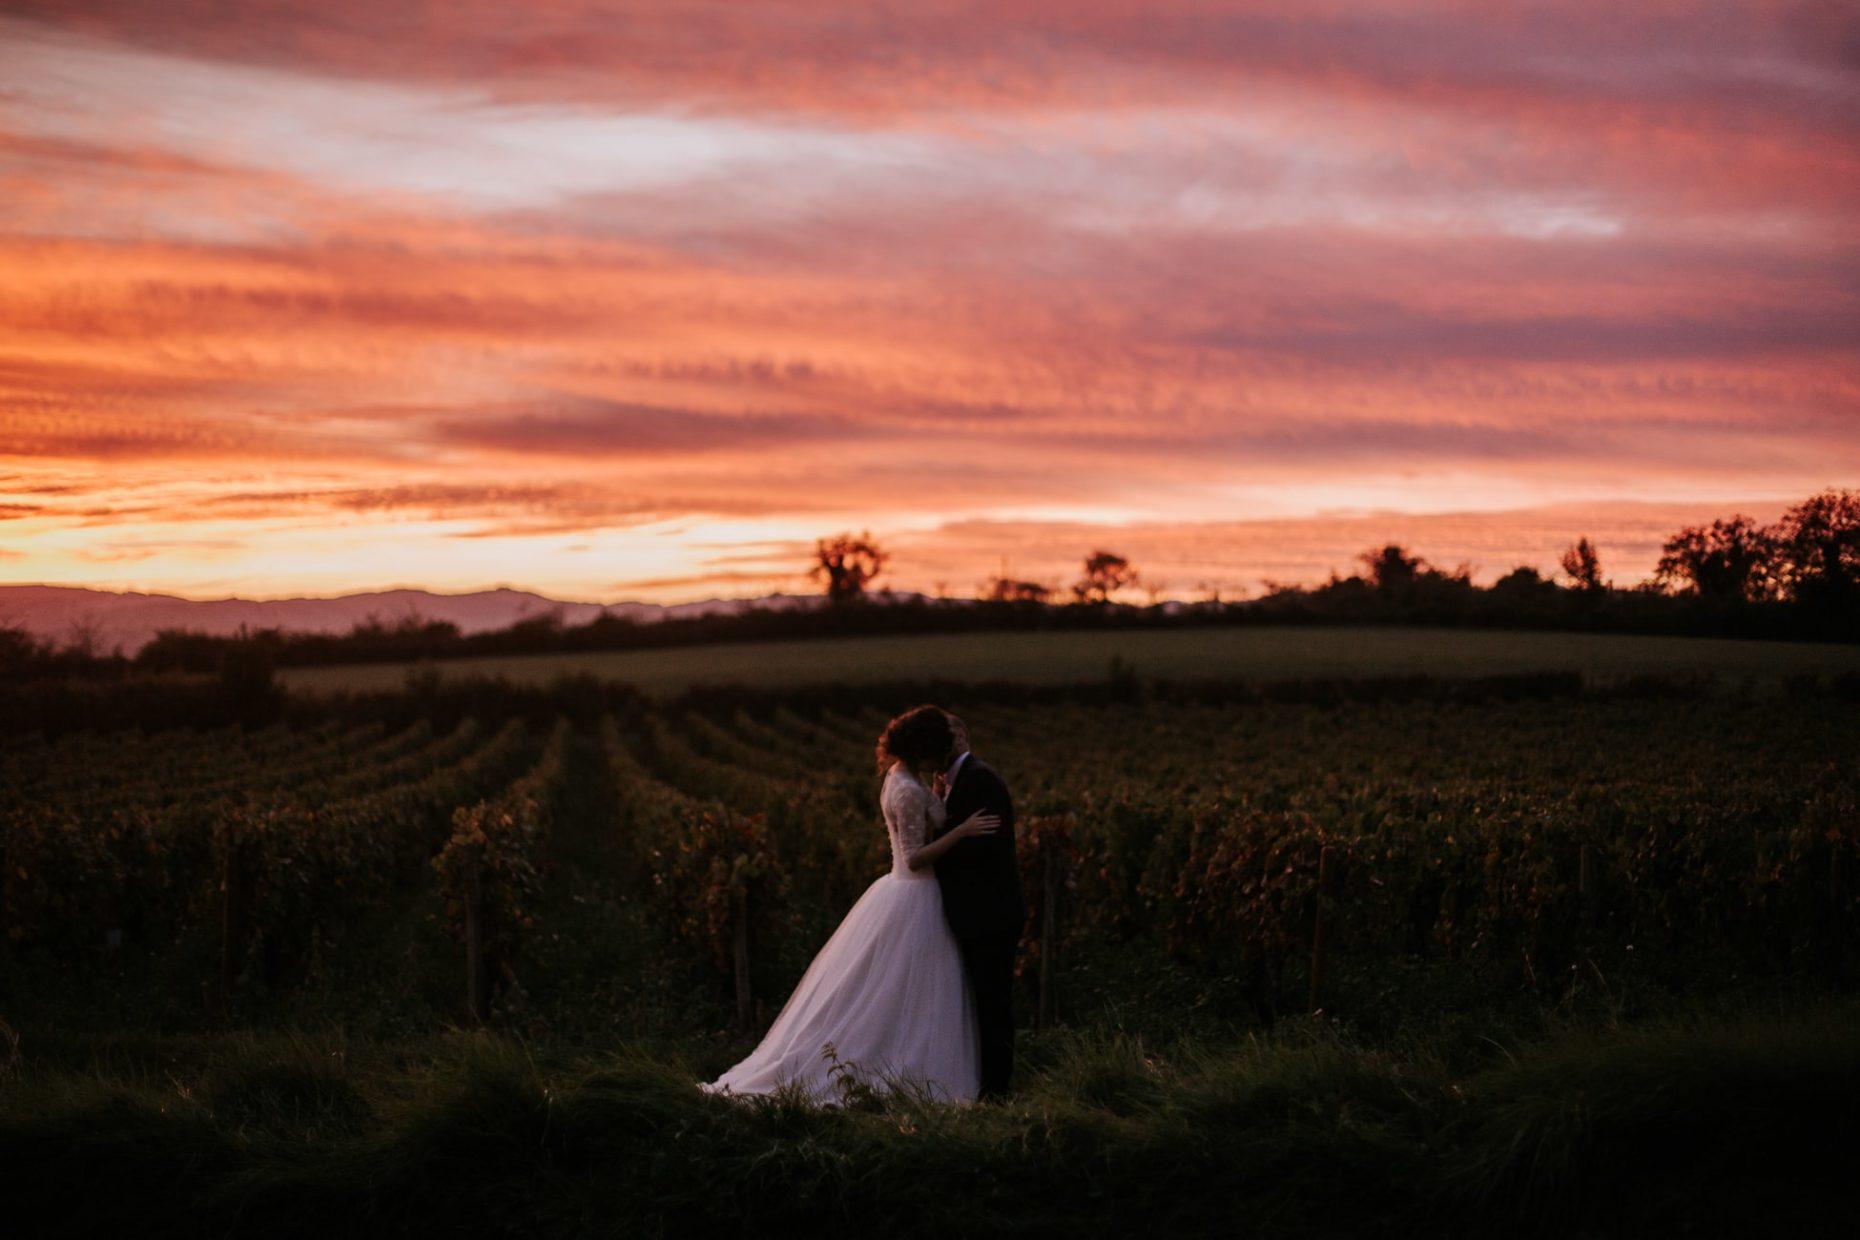 Mariage dans le beaujolais près de Lyon région Rhône Alpes